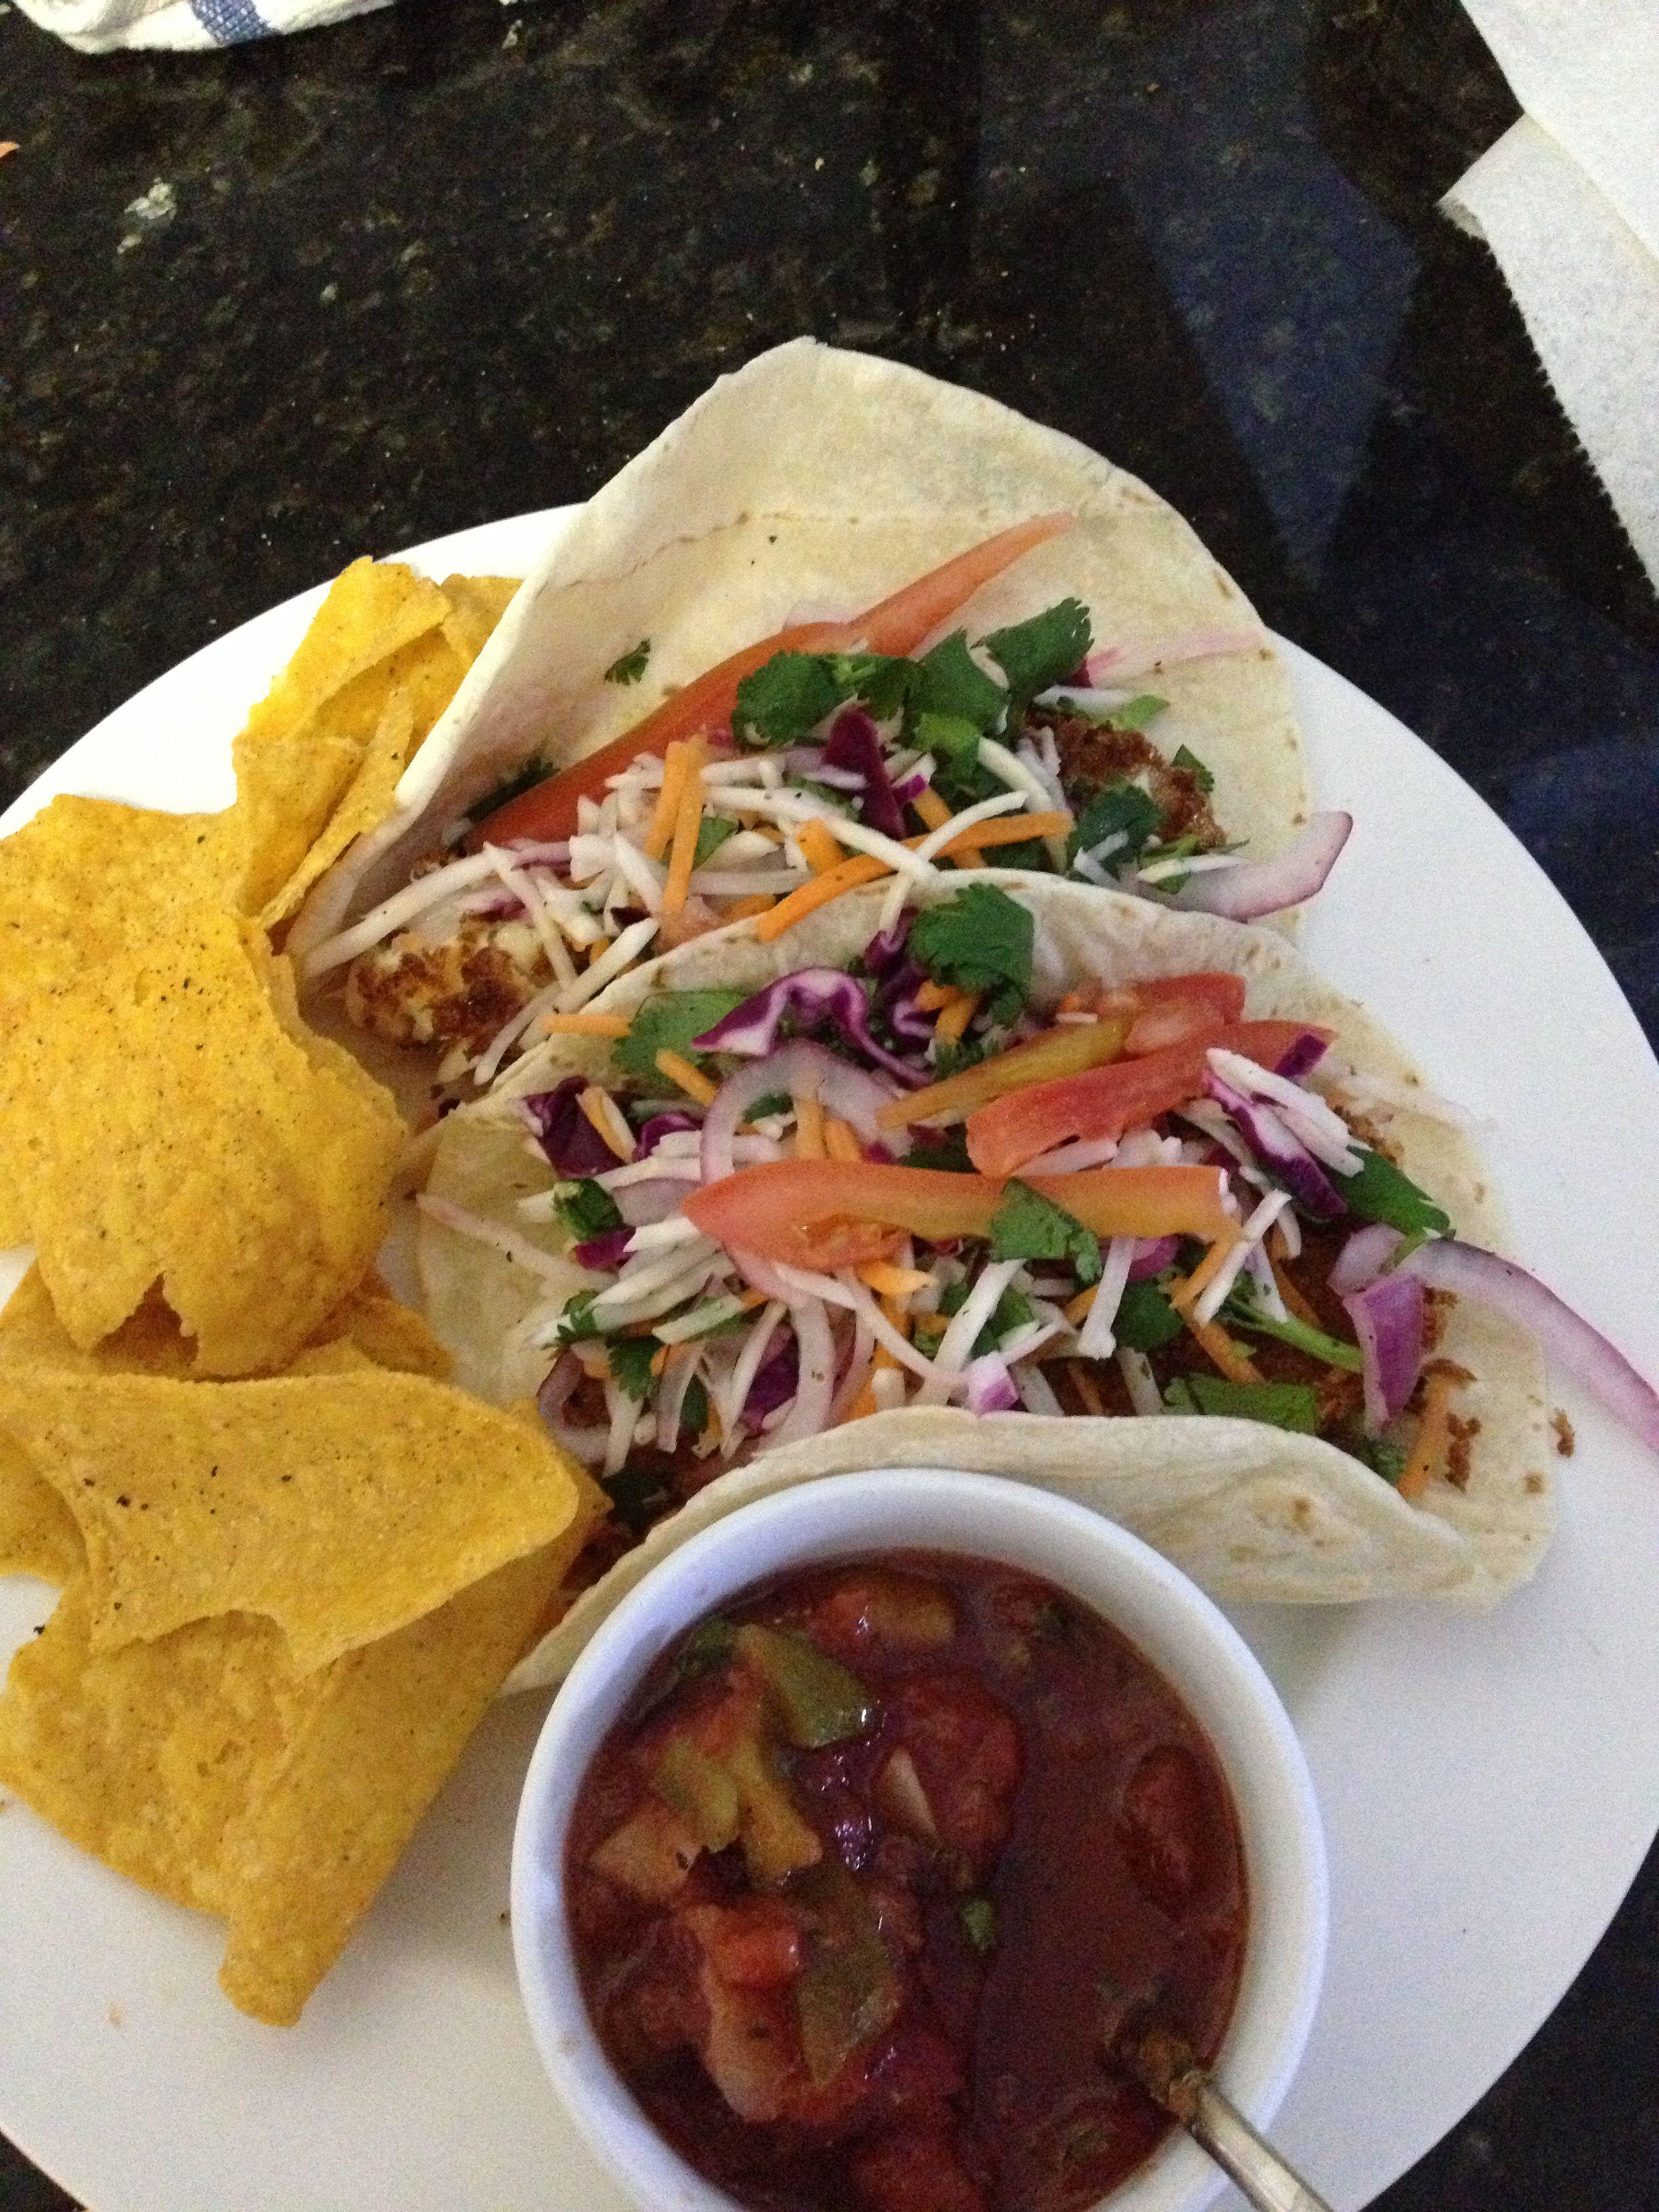 fish tacos baja fish tacos fish tacos anaheim fish tacos saucy fish ...